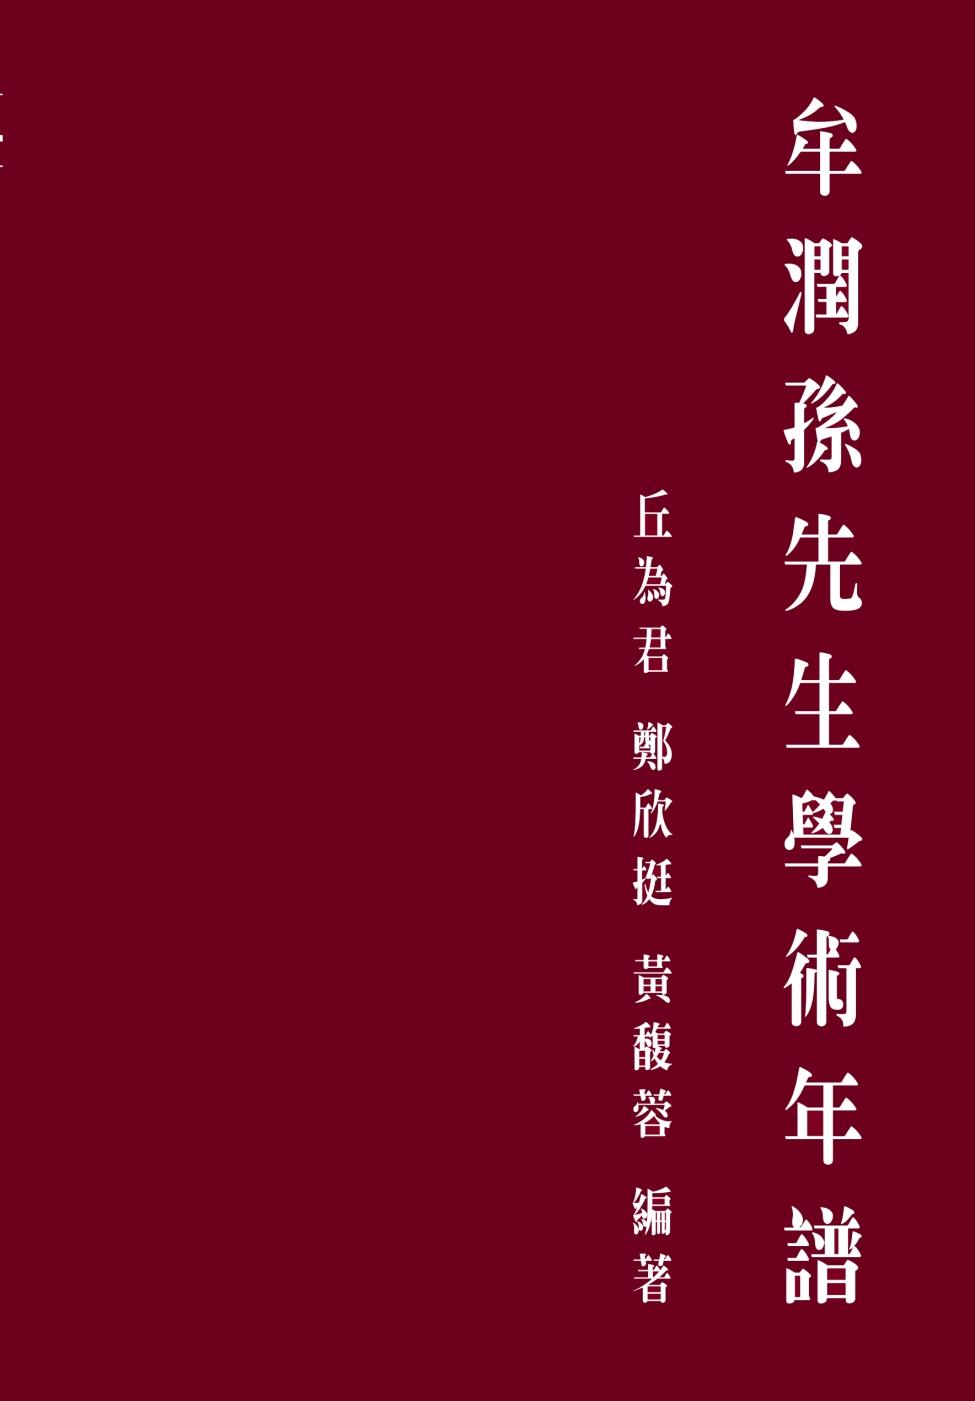 牟潤孫先生學術年譜